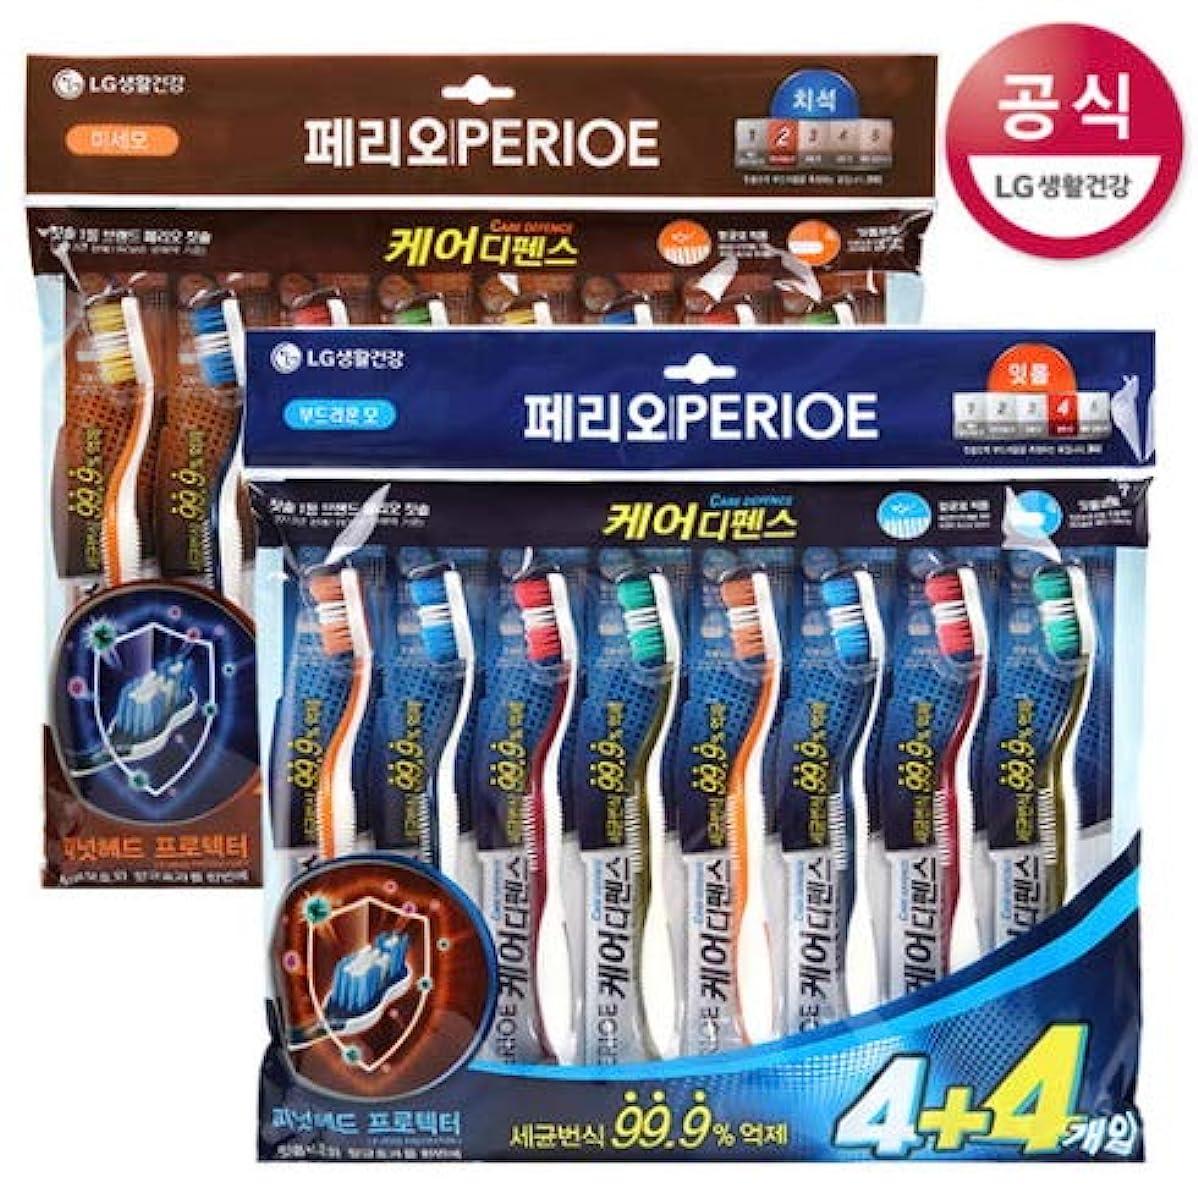 シールホップゴール[LG HnB] Perio CareDance Toothbrush/ペリオケアディフェンス歯ブラシ 8口x2個(海外直送品)